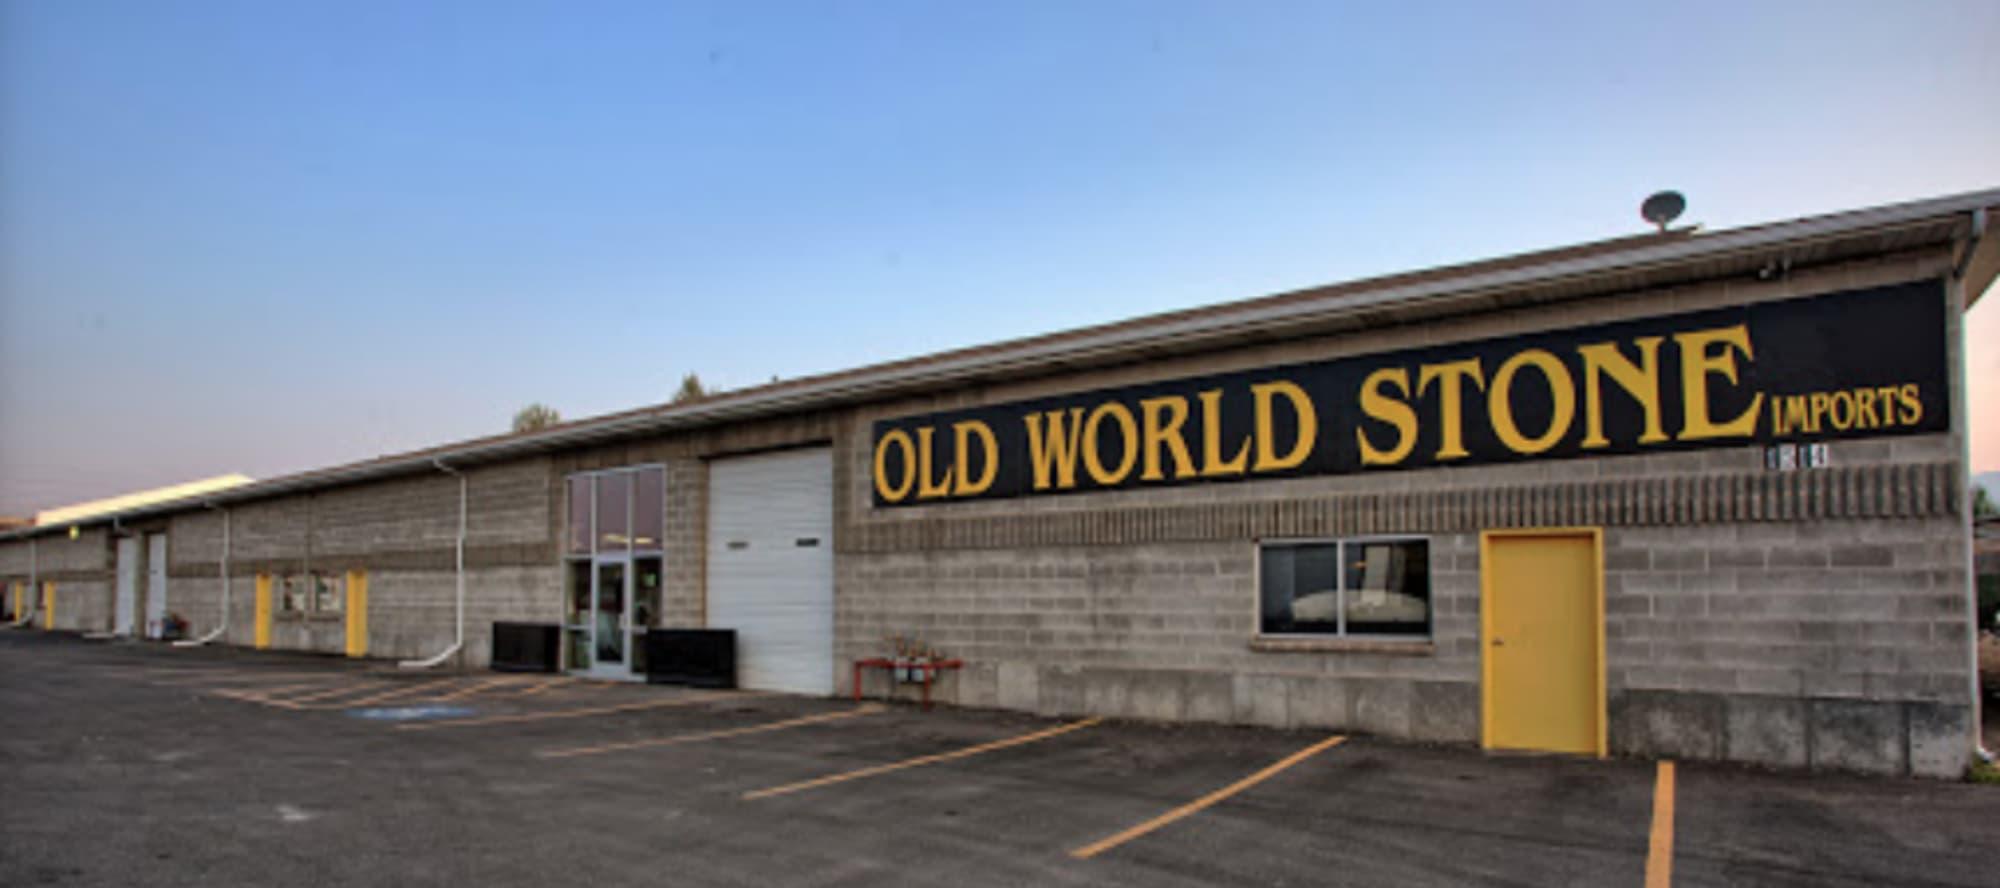 Old World Stone Imports LLC - 1514 400 S #1 Orem, UT 84058